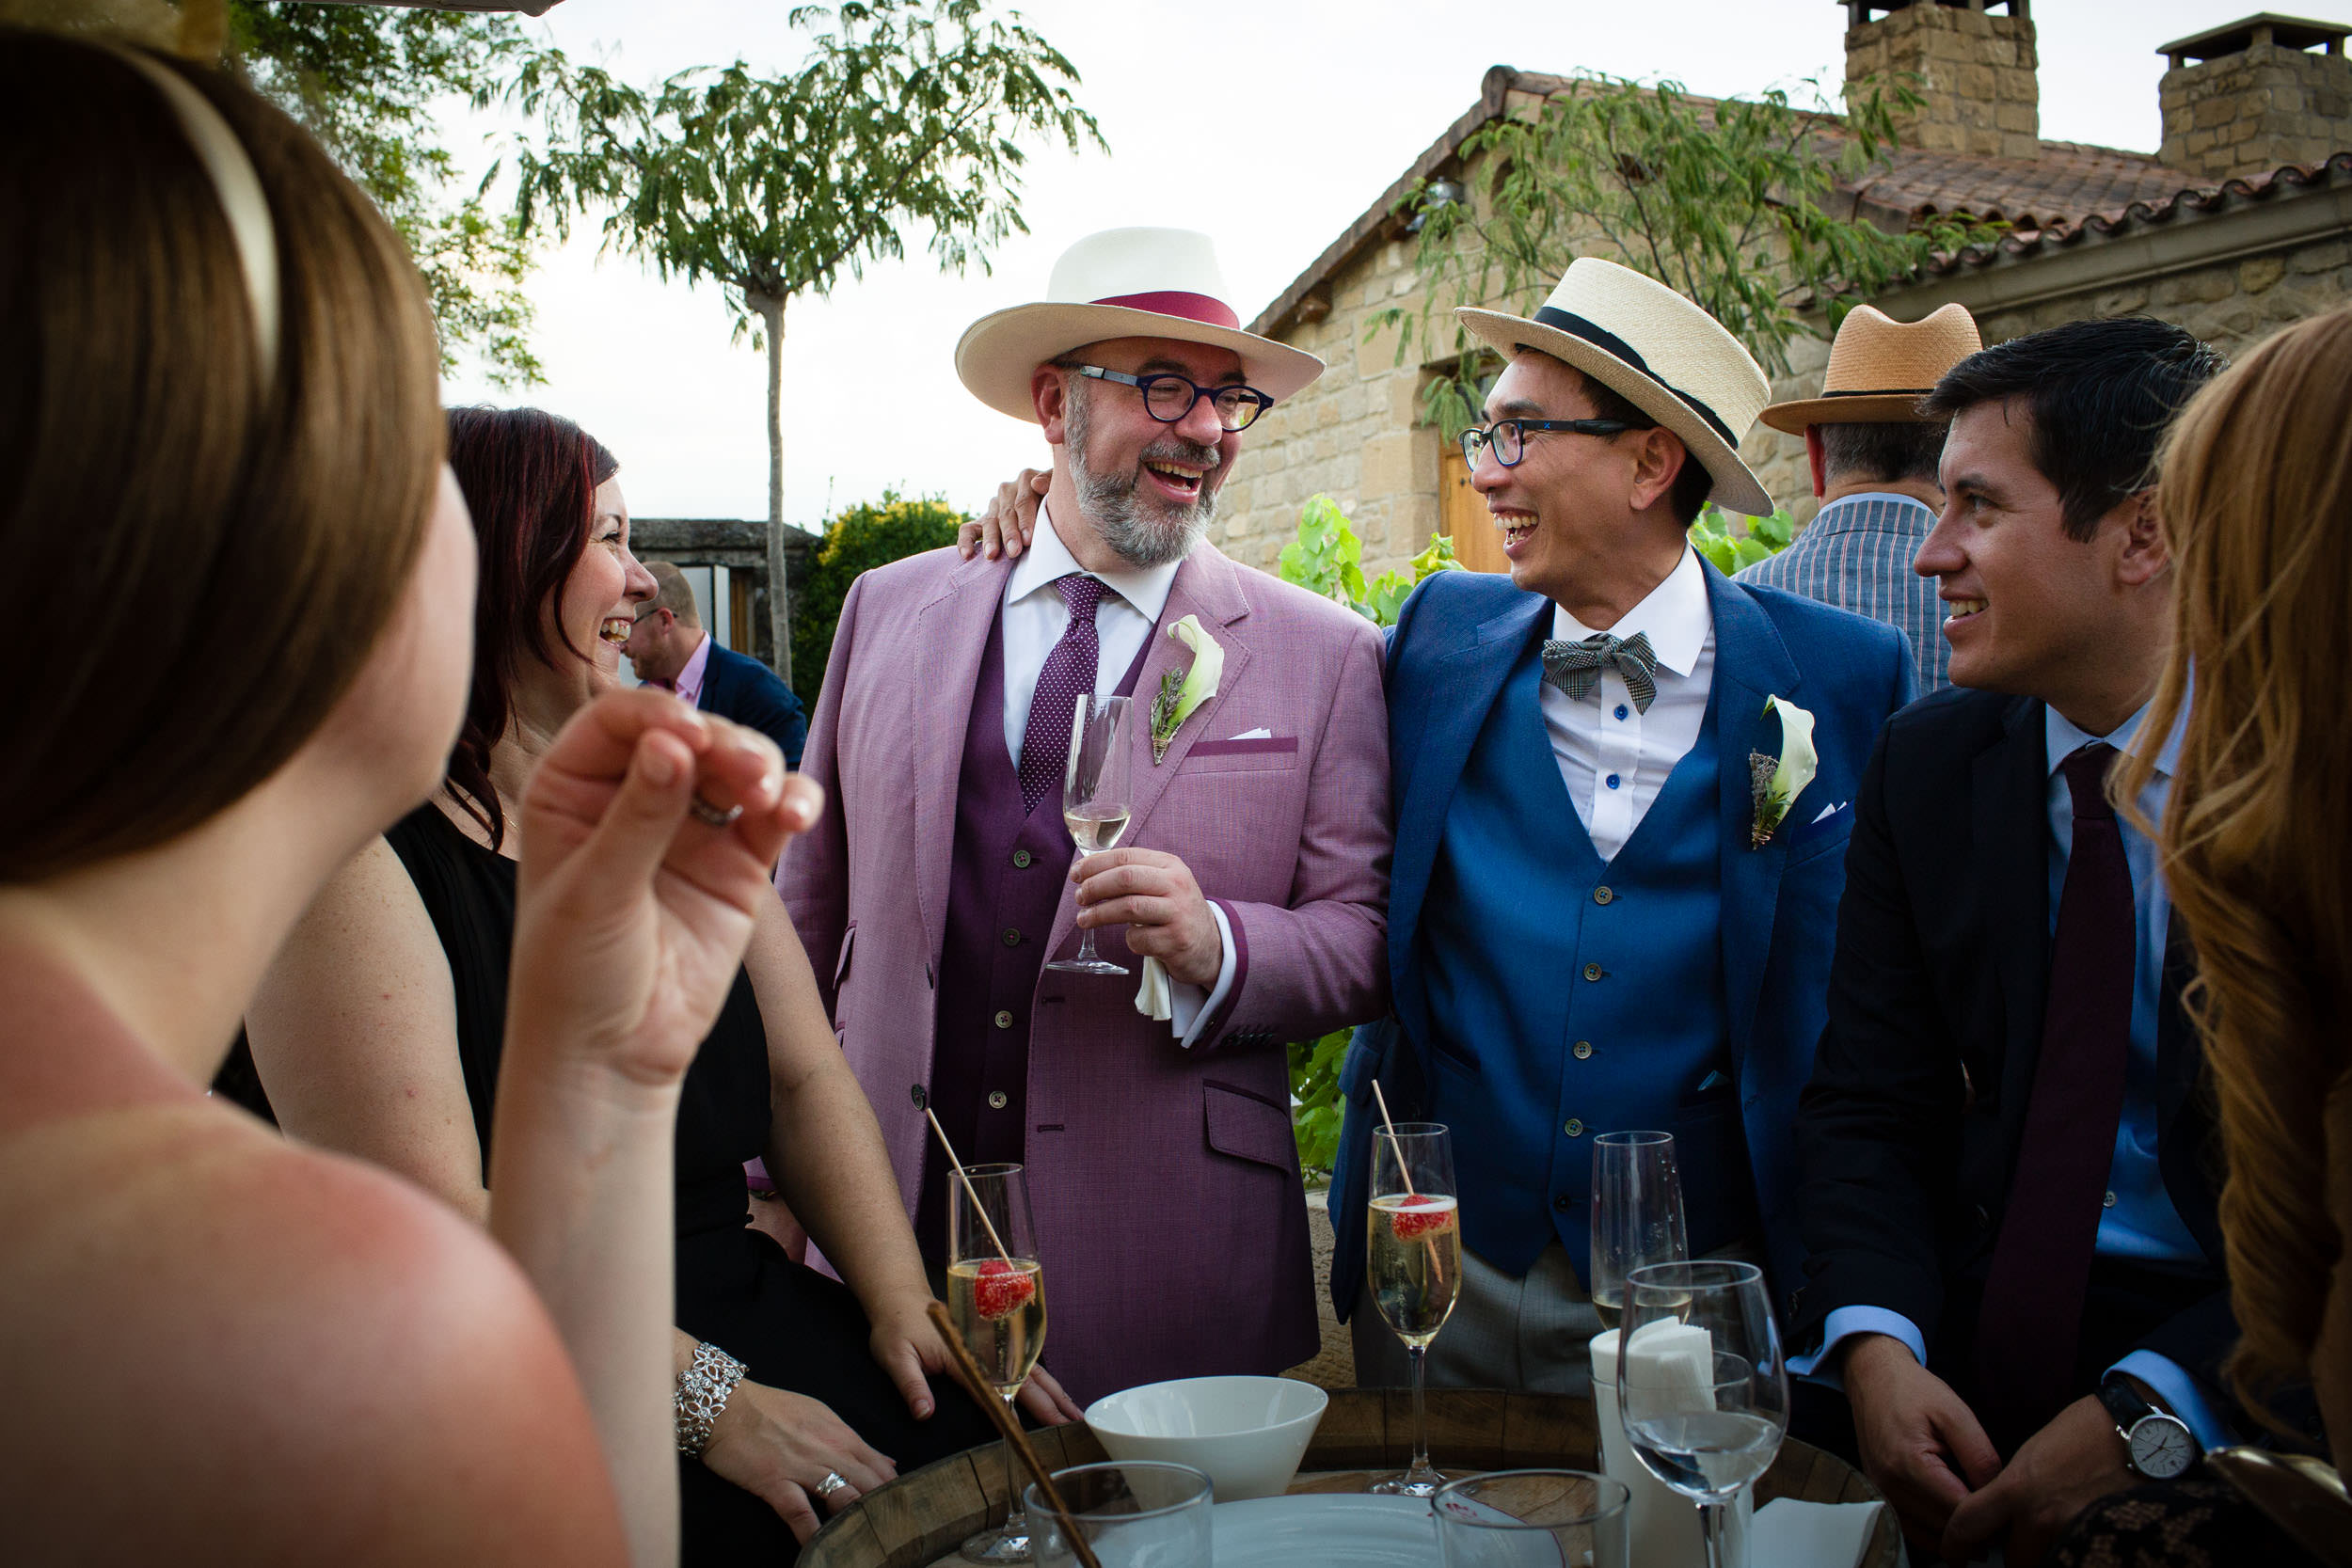 Mejor Fotografia de boda La Rioja Pais Vasco España - James Sturcke - sturcke.org_00009.jpg